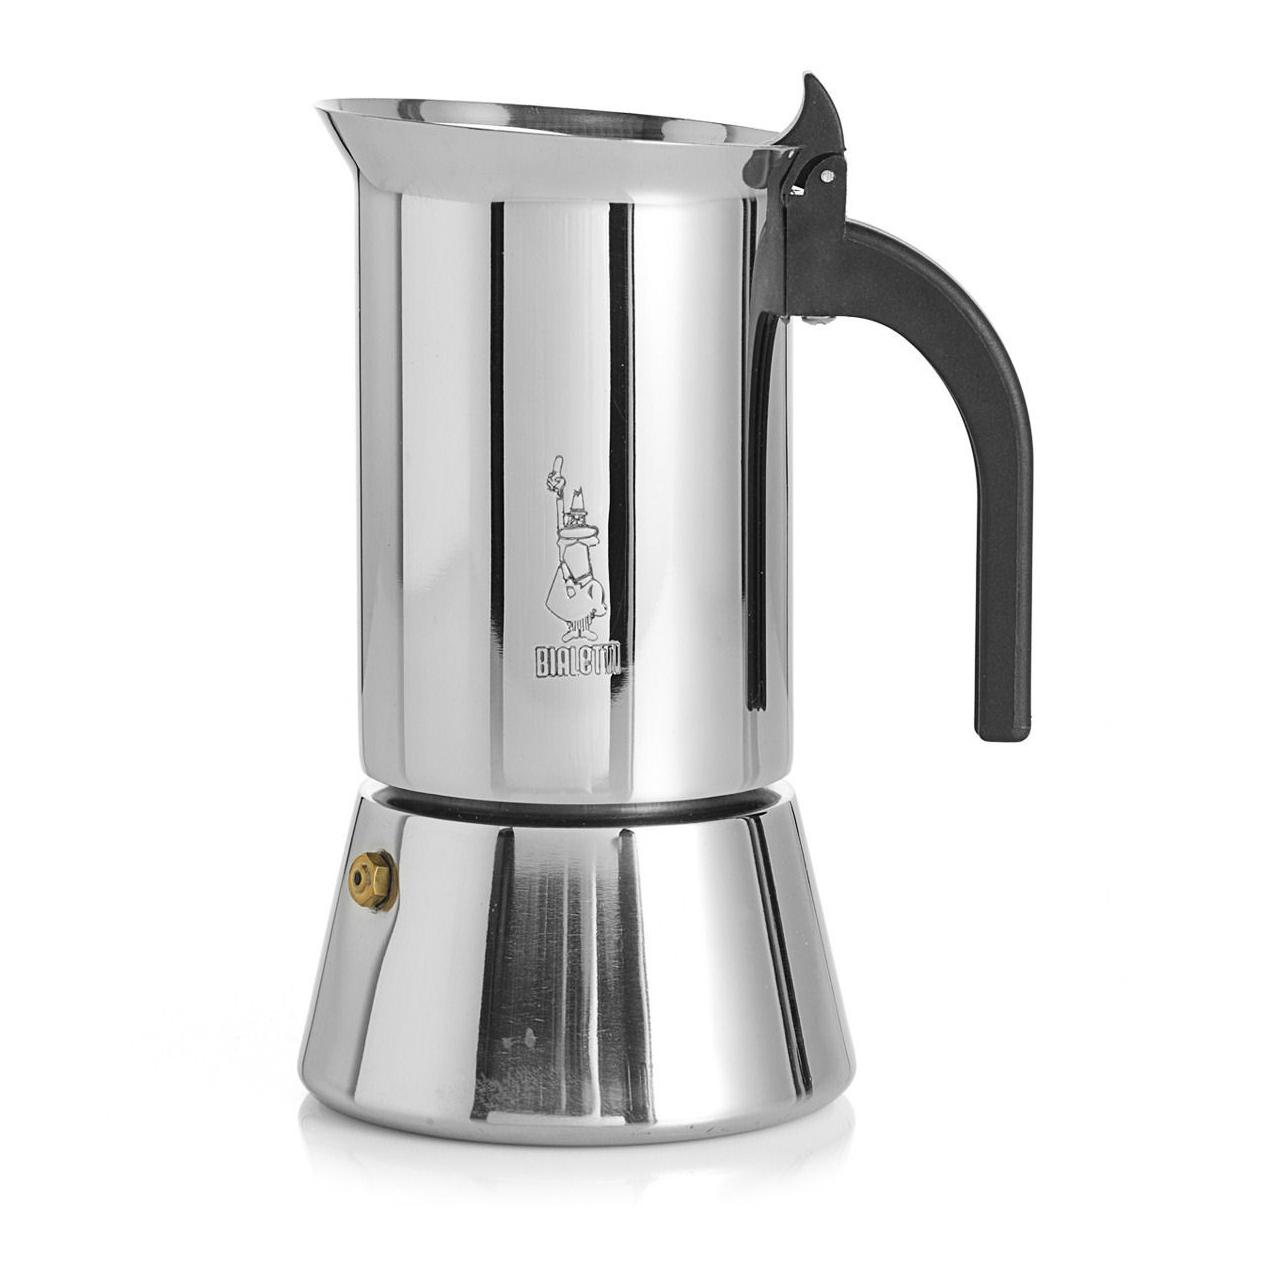 Inredning induktionshäll test : Mokabryggare - Göra espresso direkt pÃ¥ spisen | Kungligt Kaffe